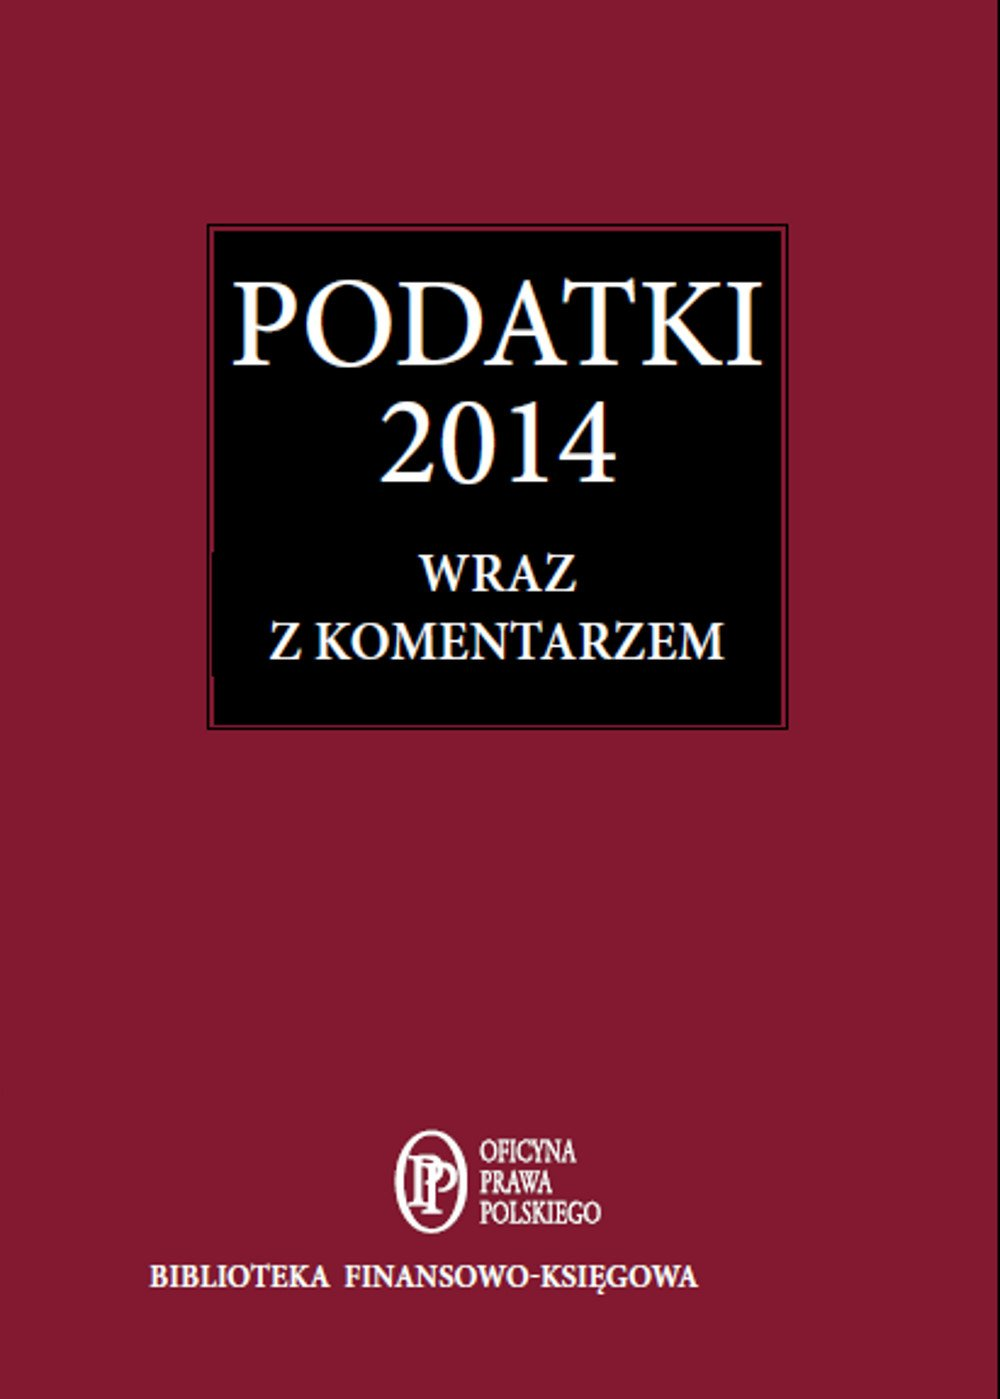 Podatki 2014 wraz z komentarzem - Ebook (Książka na Kindle) do pobrania w formacie MOBI